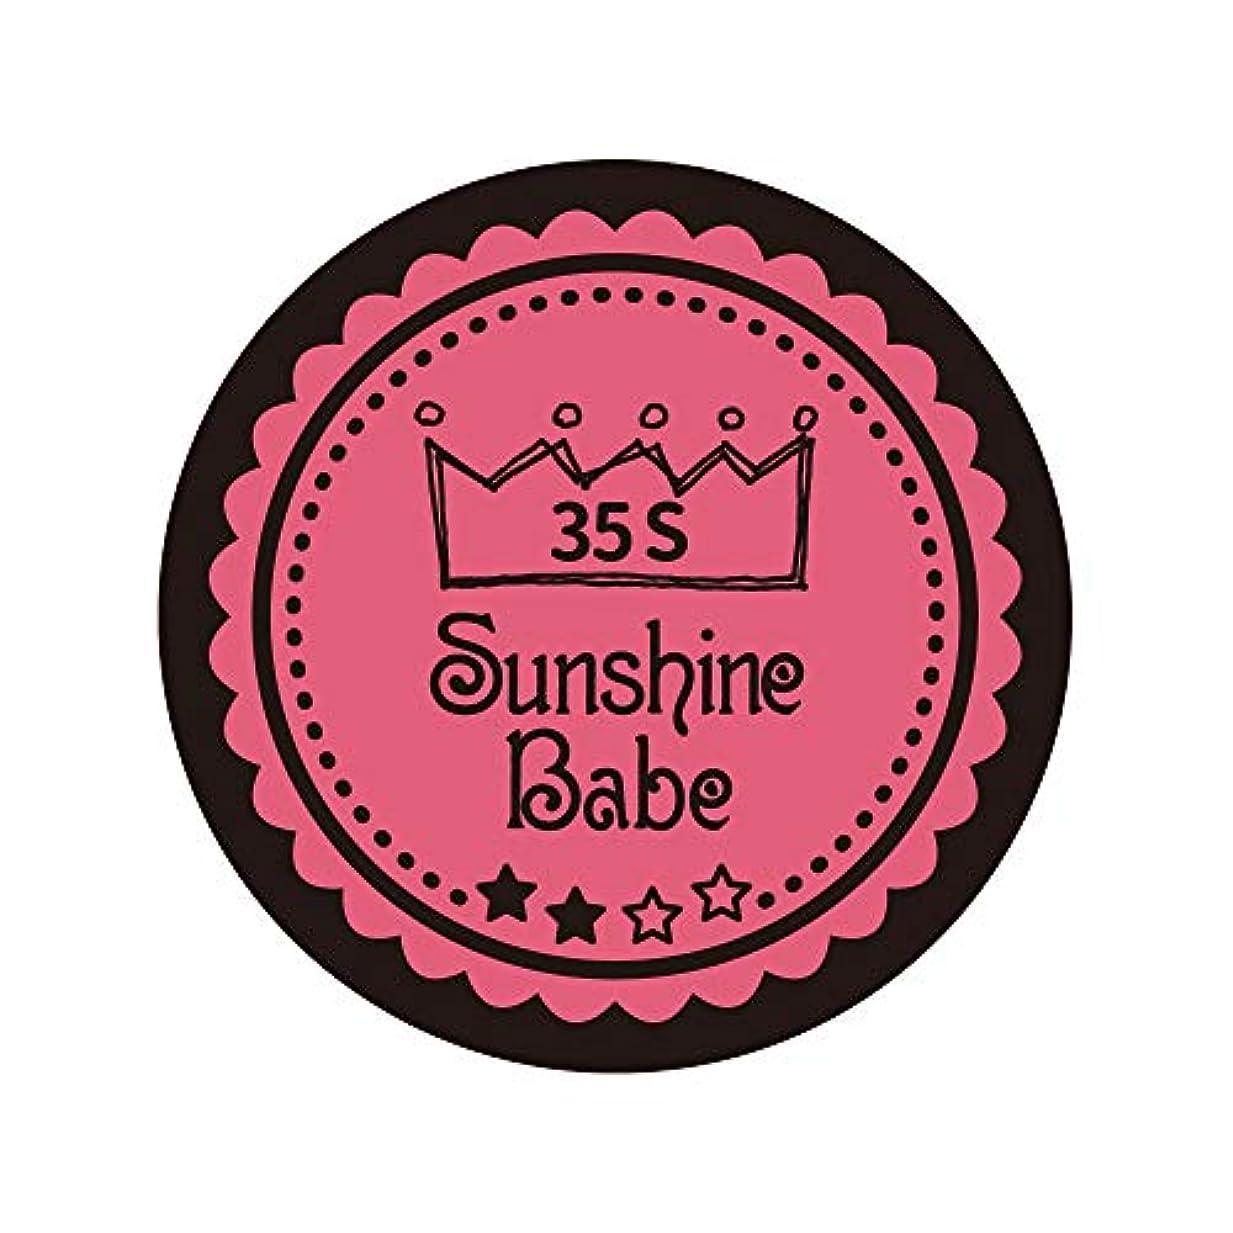 起きる揃える忍耐Sunshine Babe カラージェル 35S ローズピンク 2.7g UV/LED対応